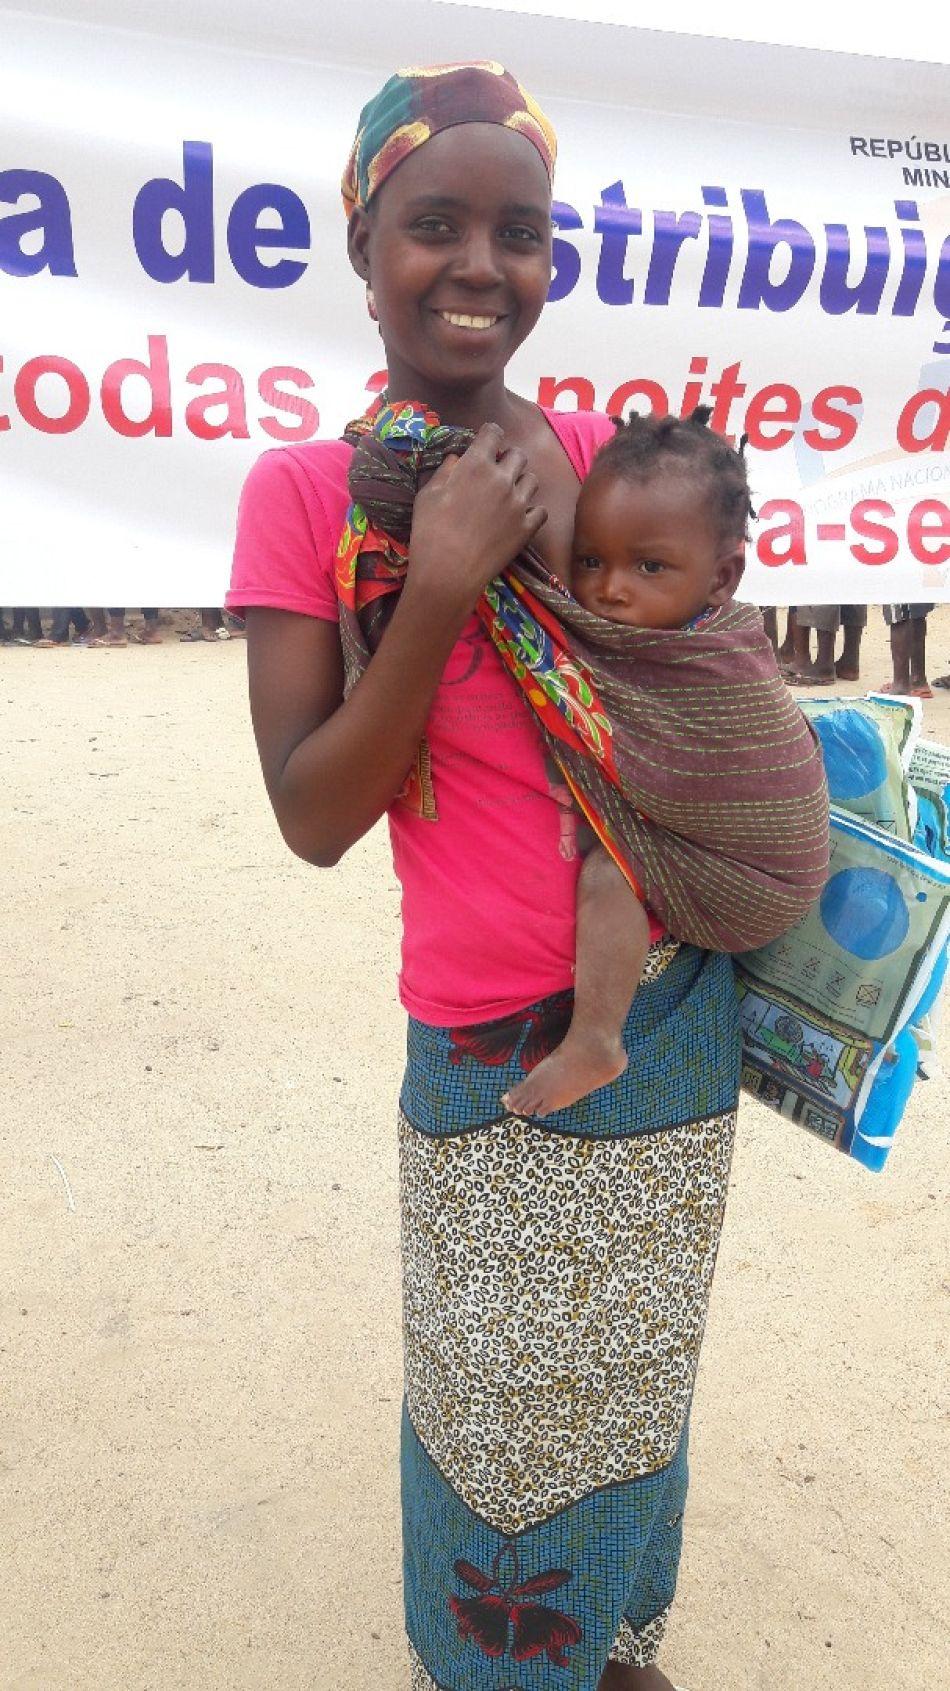 pUma matildee e a sua crianccedila satisfeita com a rede recebida na cidade de Nampulap